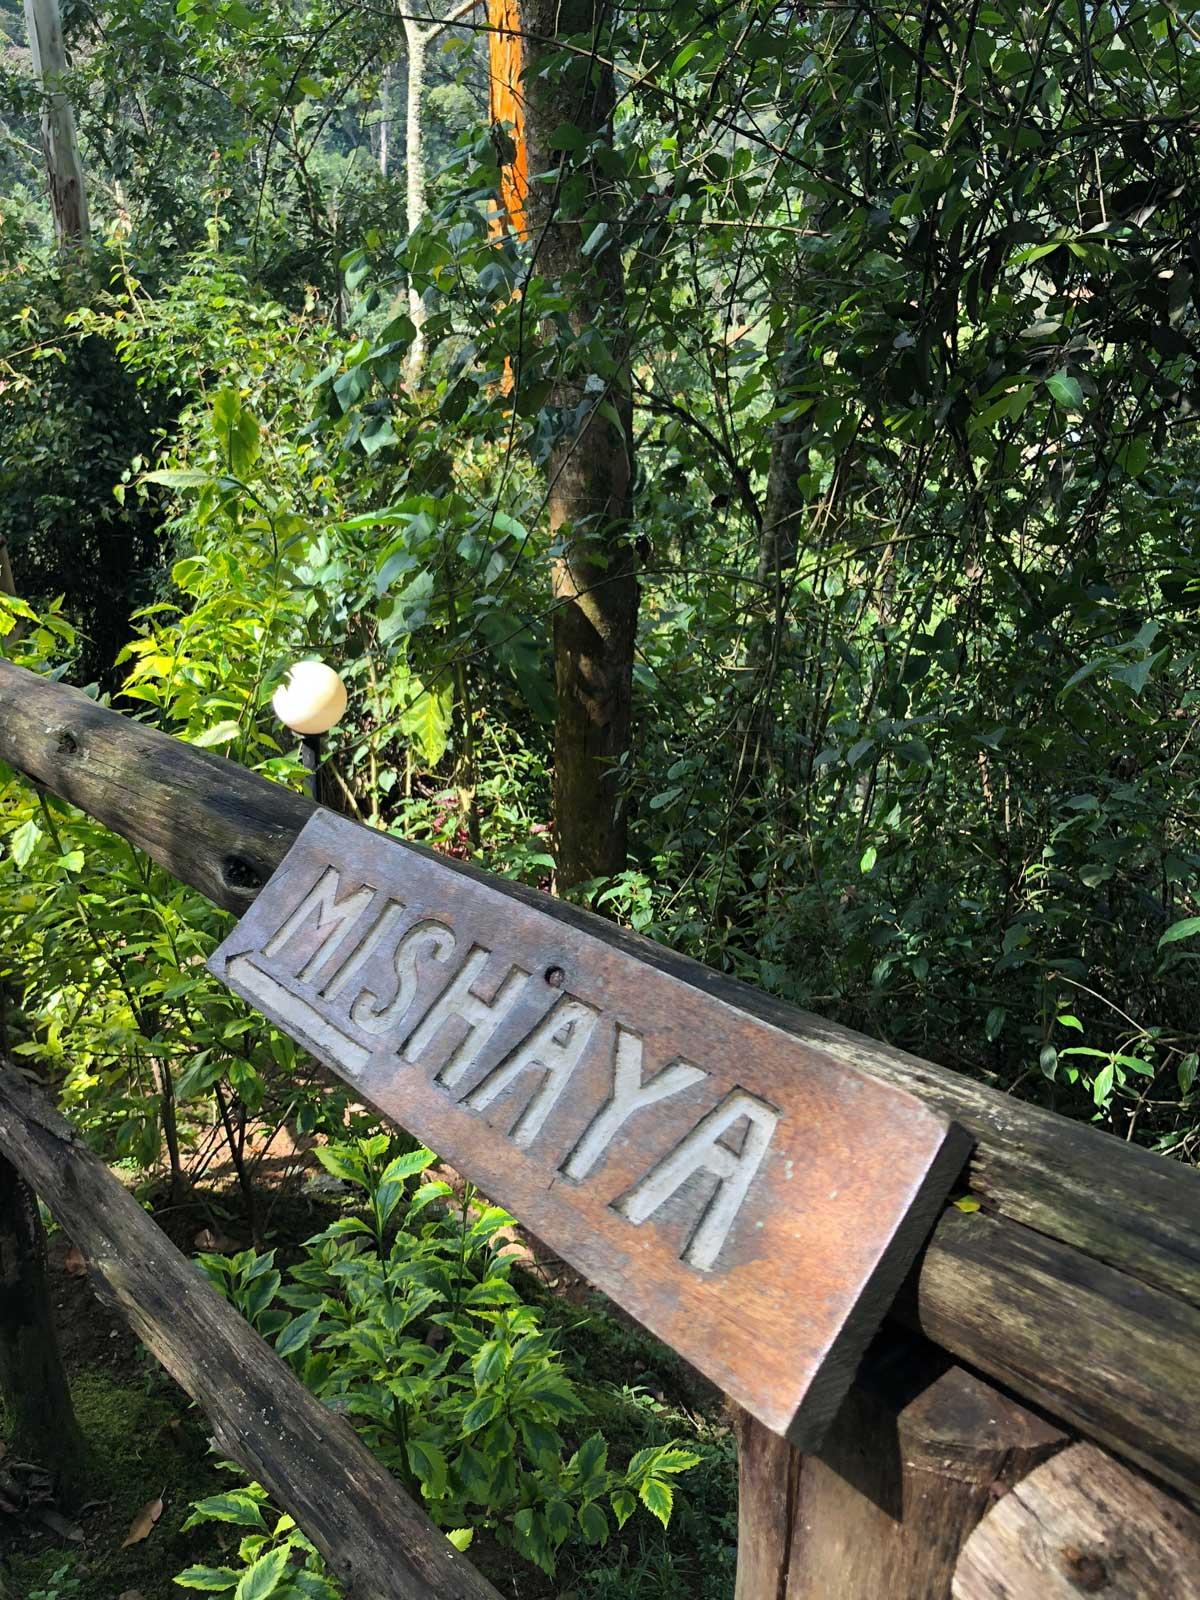 Gorilla Group in Uganda